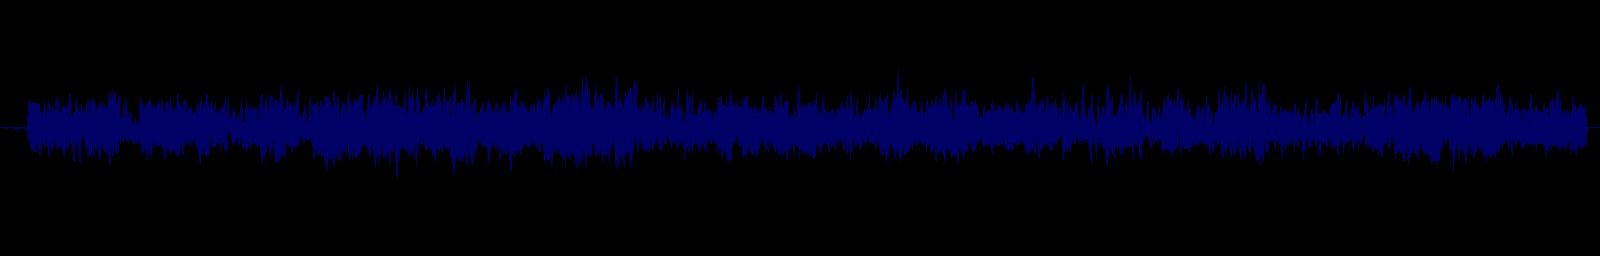 waveform of track #159208